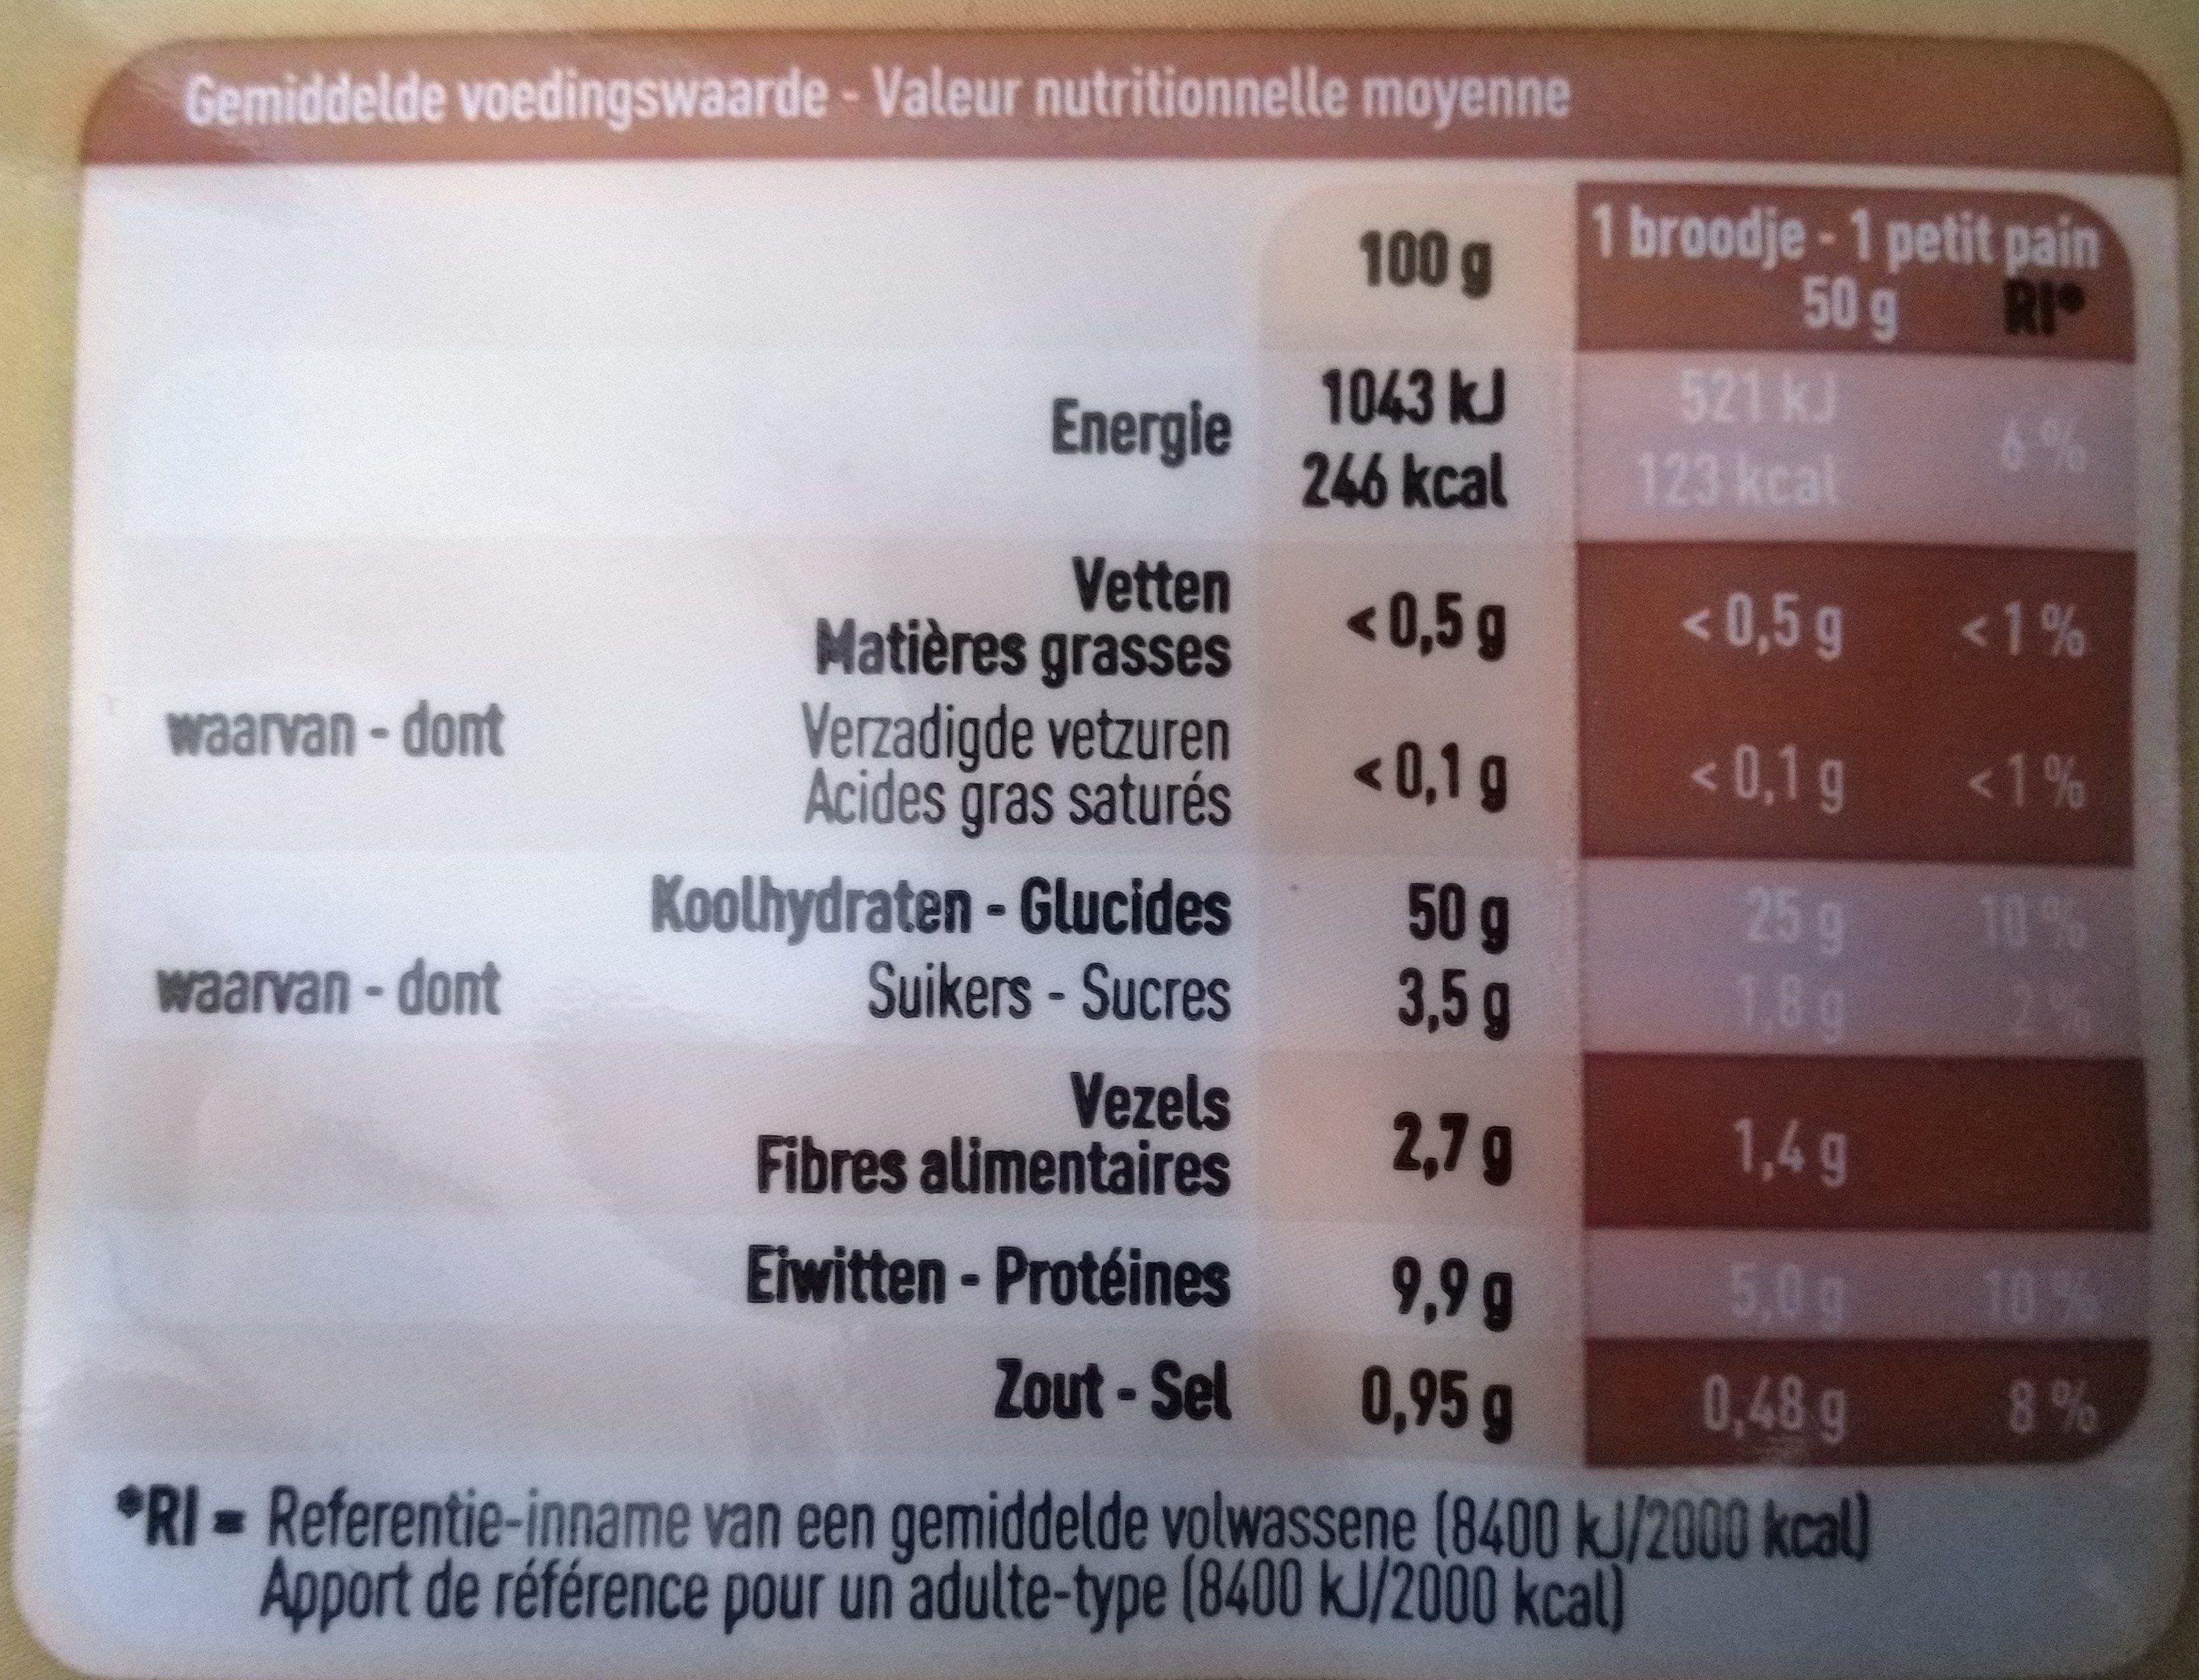 Petits pains empereur - Voedingswaarden - nl